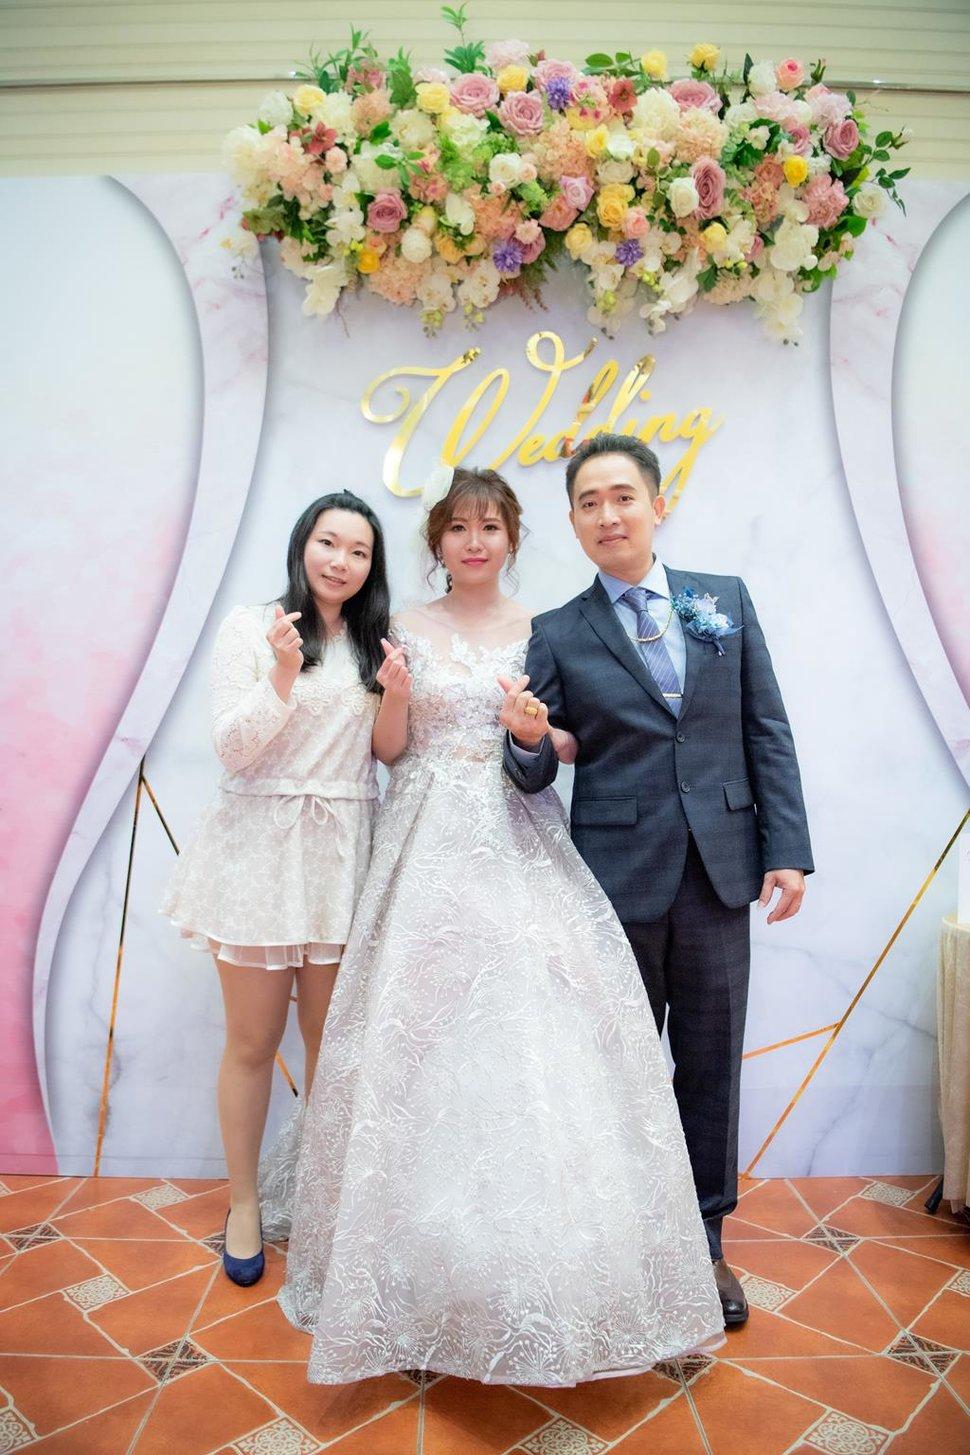 書孟&逸琳婚禮紀實-499 - Mr. Happiness 幸福先生 - 結婚吧